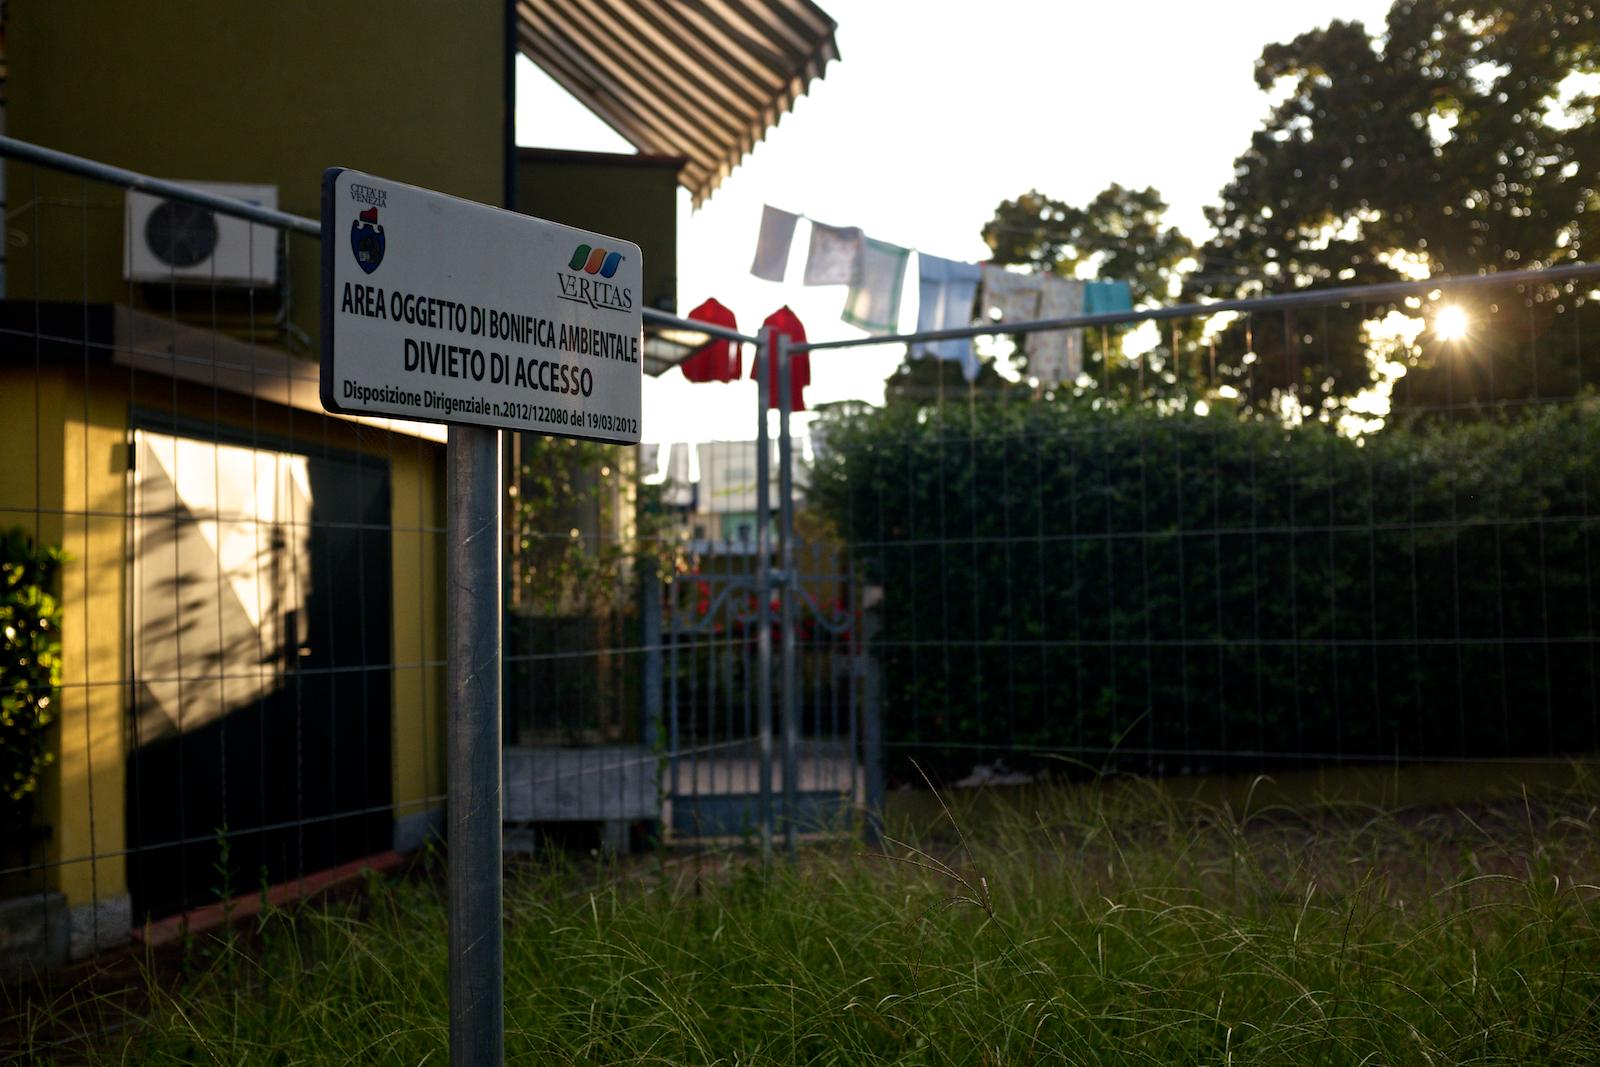 Concepito negli anni Cinquanta per venire incontro alle esigenze degli operai di Porto Marghera e inizialmente inserito nel perimetro del SIN del 2000, il quartiere di Mestre Villaggio San Marco è stato successivamente escluso dalla zona di bonifica dal 2013. Tuttavia rimangono numerose zone residenziali dove il terreno è ancora contaminato. Mestre, Settembre 2014.